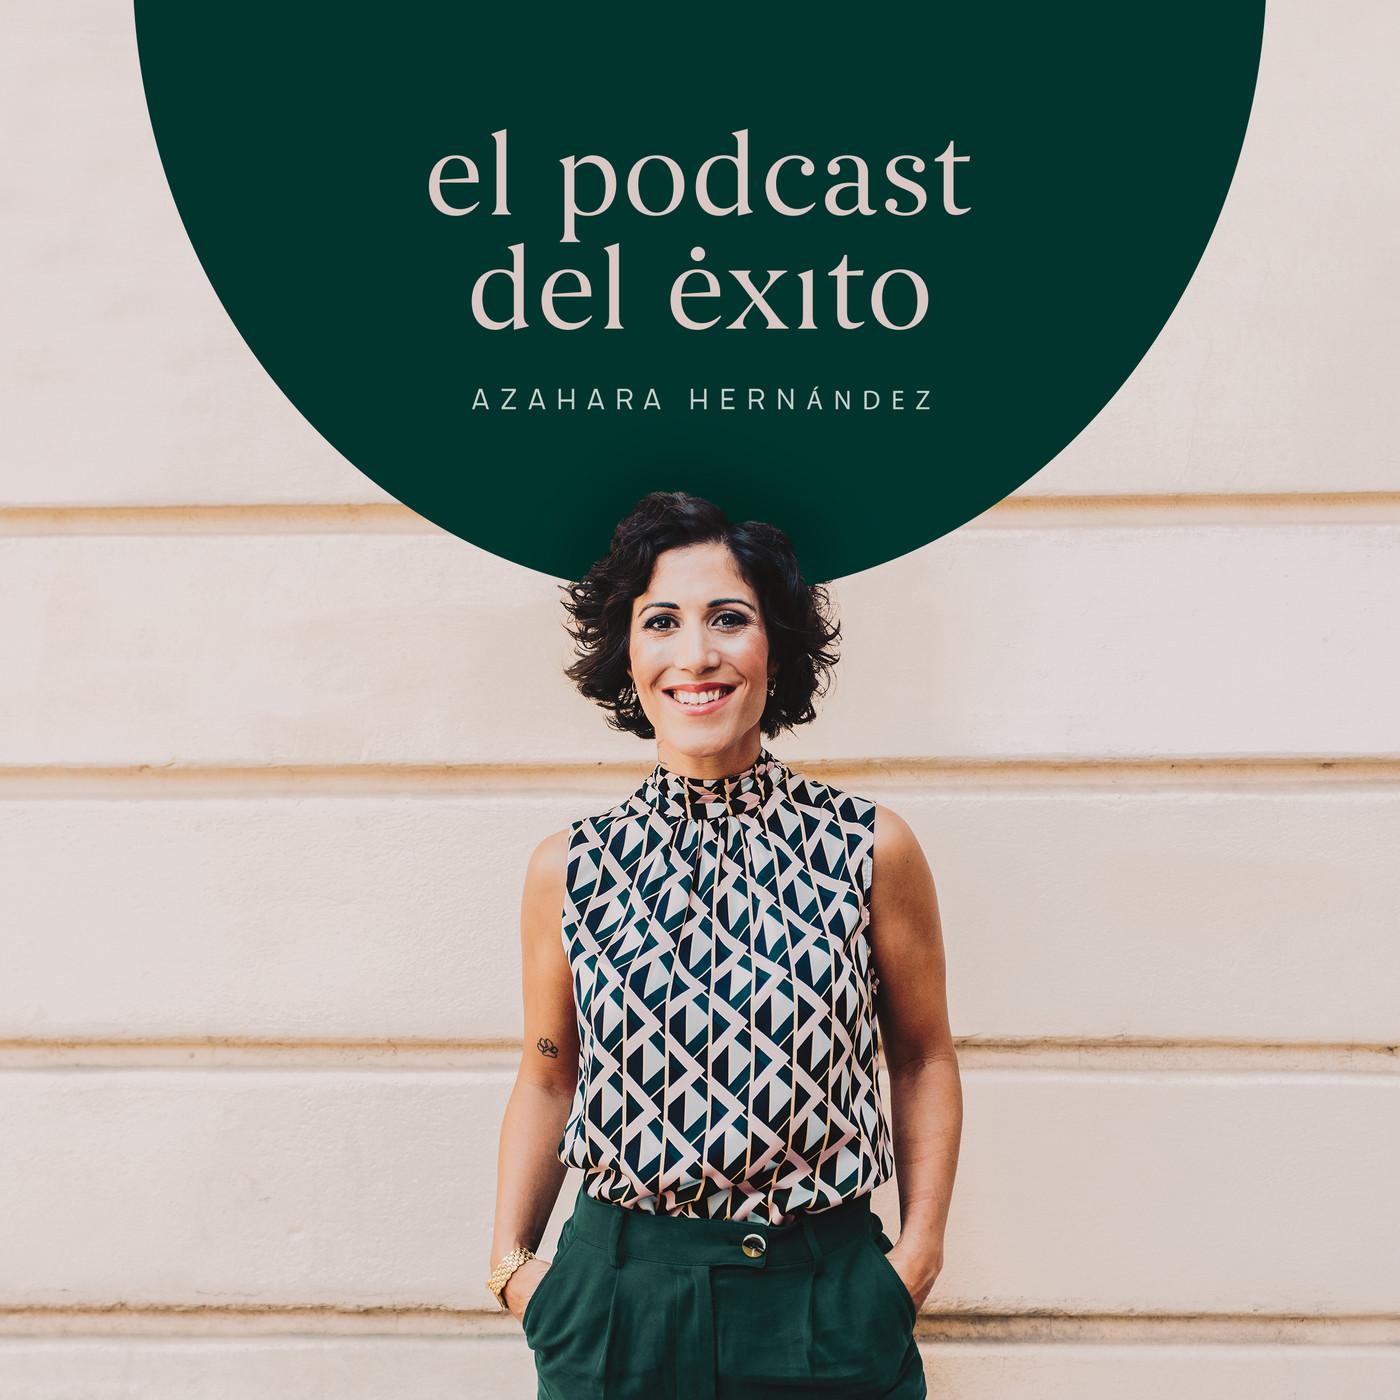 El Podcast del éxito